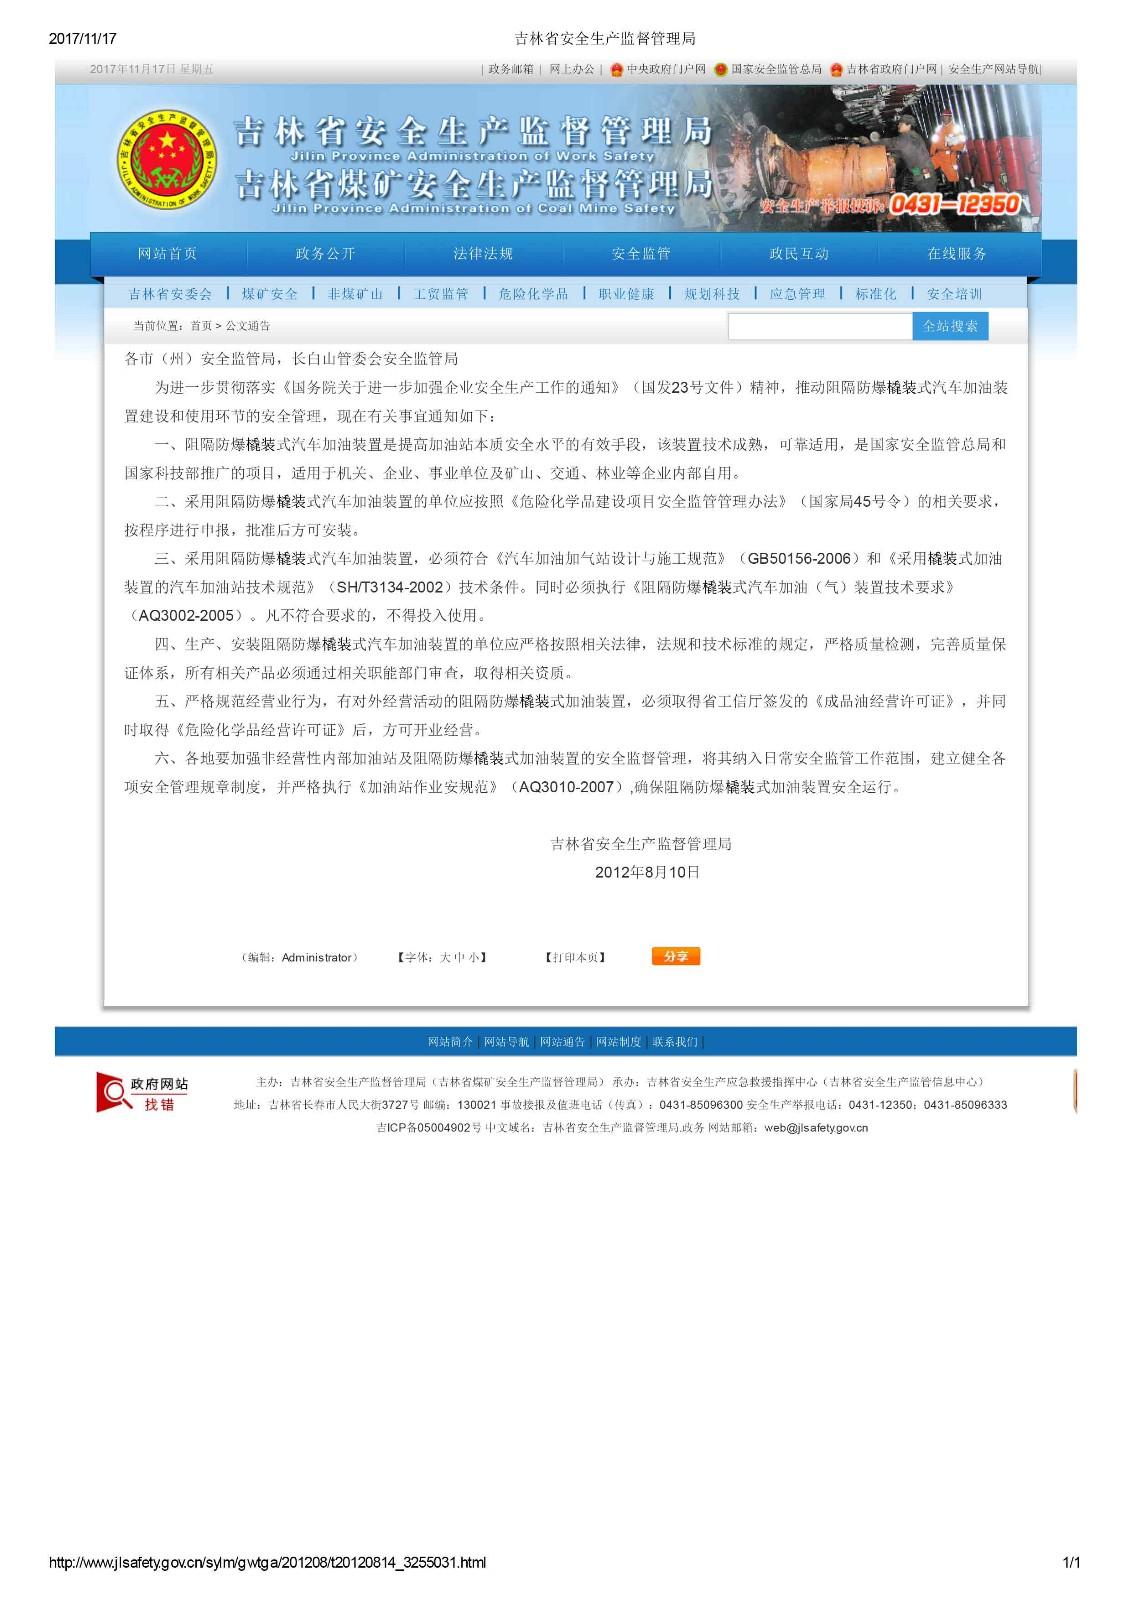 吉林省安全生产监督管理局文件